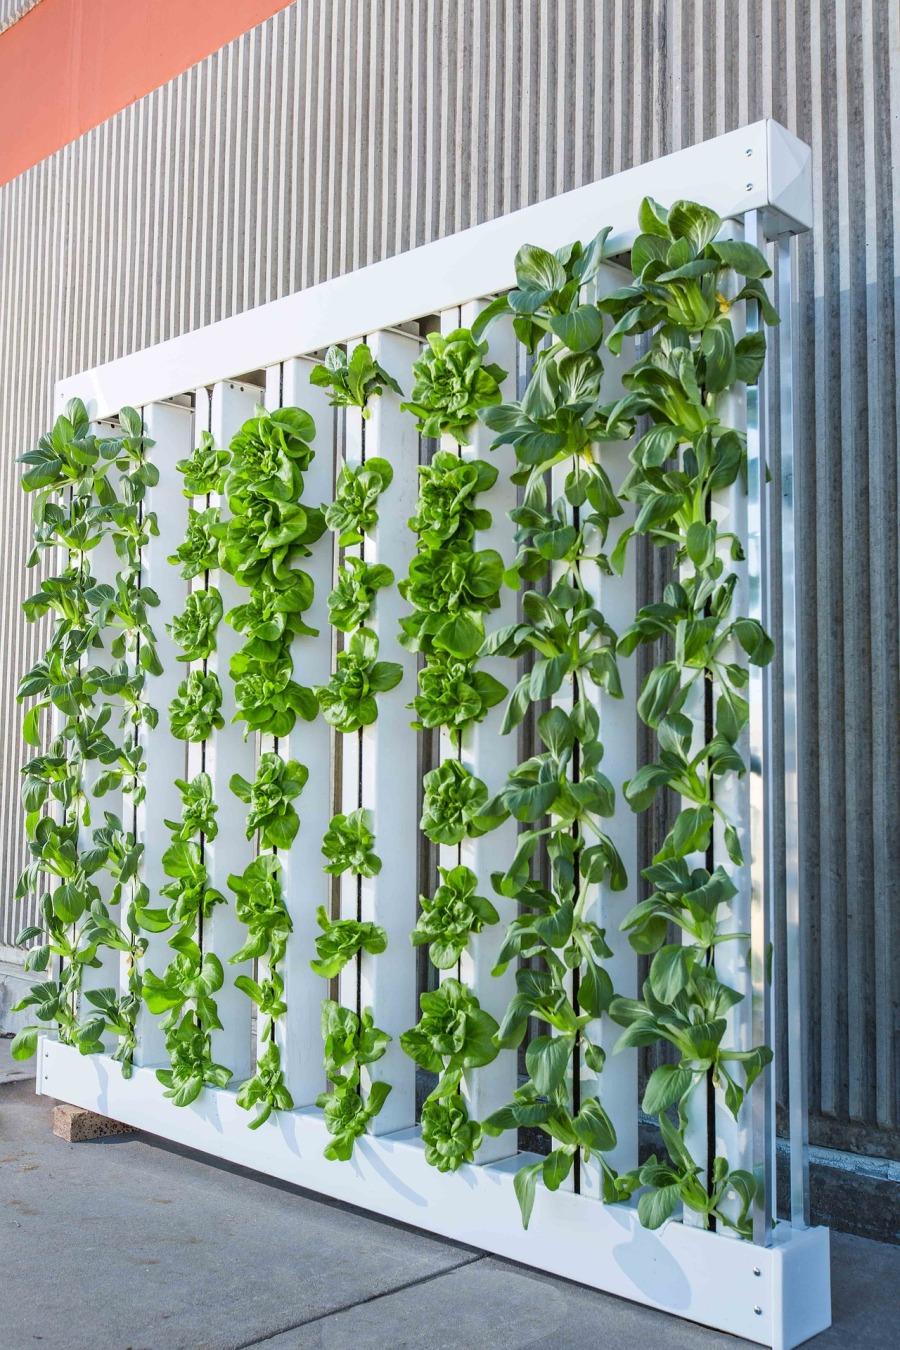 vertical-farm-916337_1920.jpg